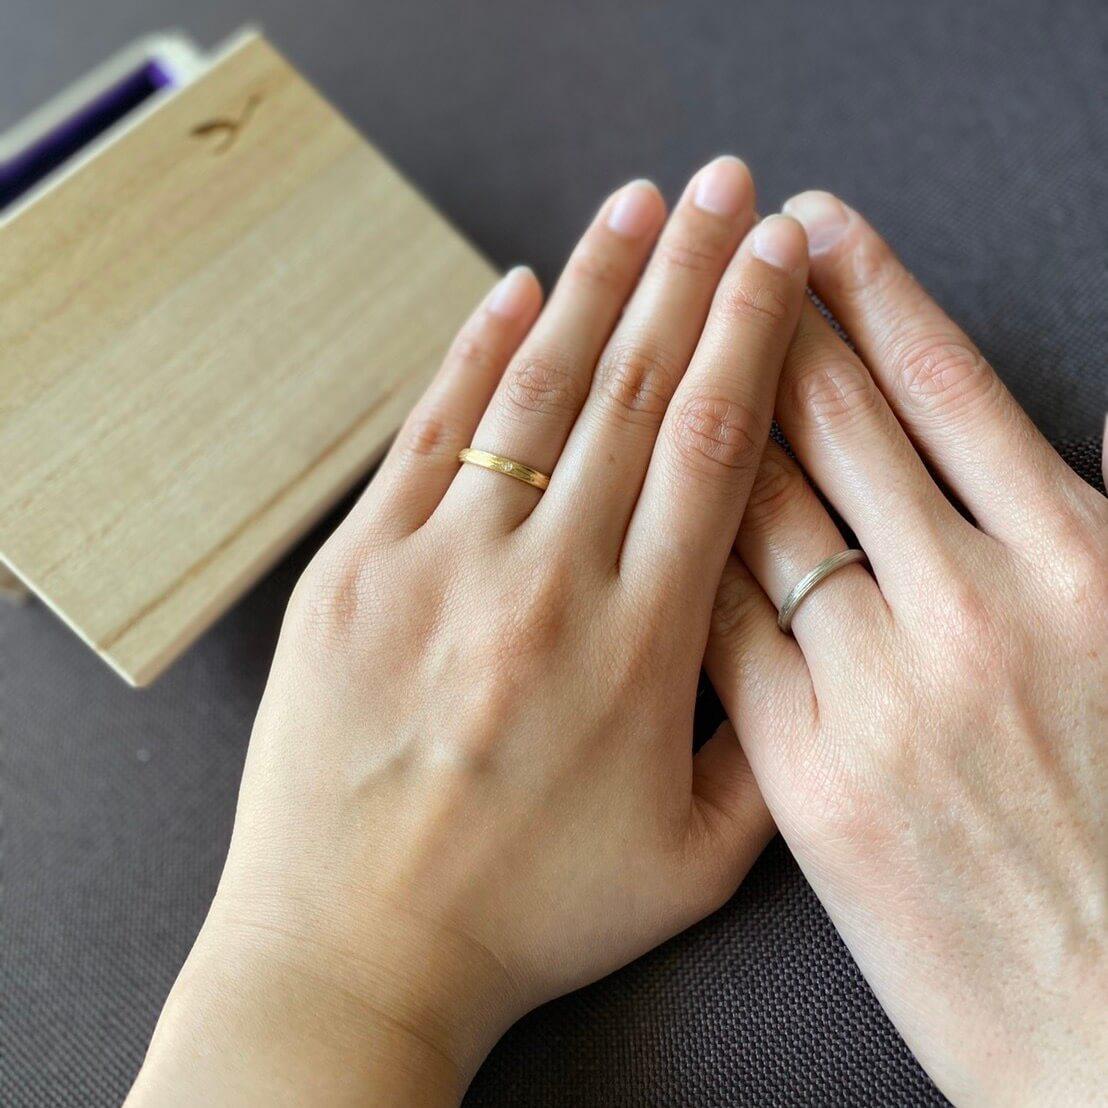 ぴったりのサイズの結婚指輪を着けたお客様の手